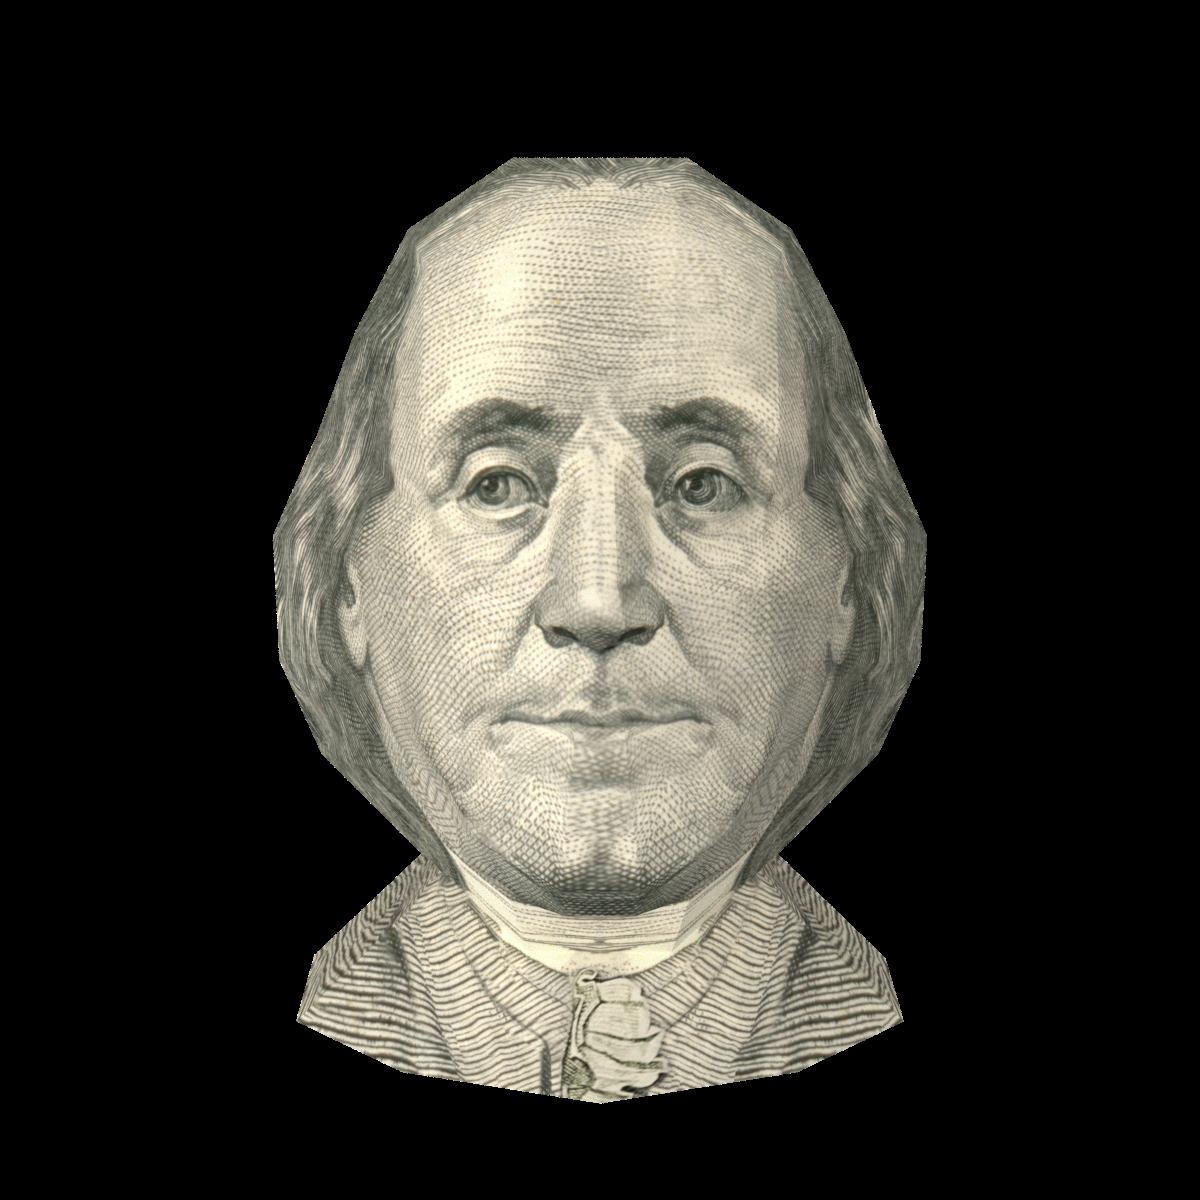 US $100 Bill- Benjamin Franklin